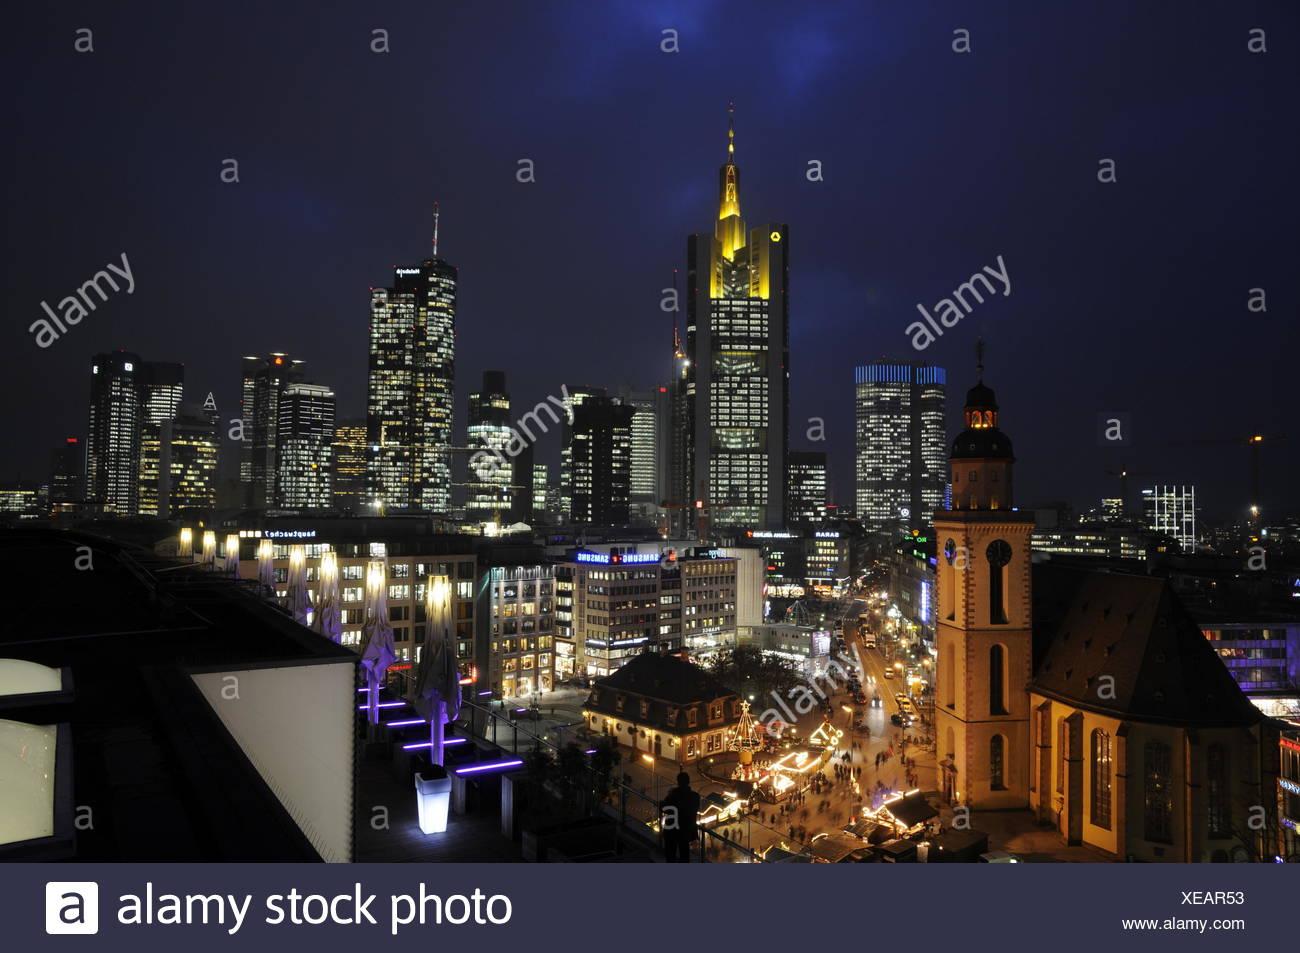 Weihnachtsmarkt Frankfurt Am Main.Weihnachtsmarkt Frankfurt Am Main Hauptwache Katharinenkirche